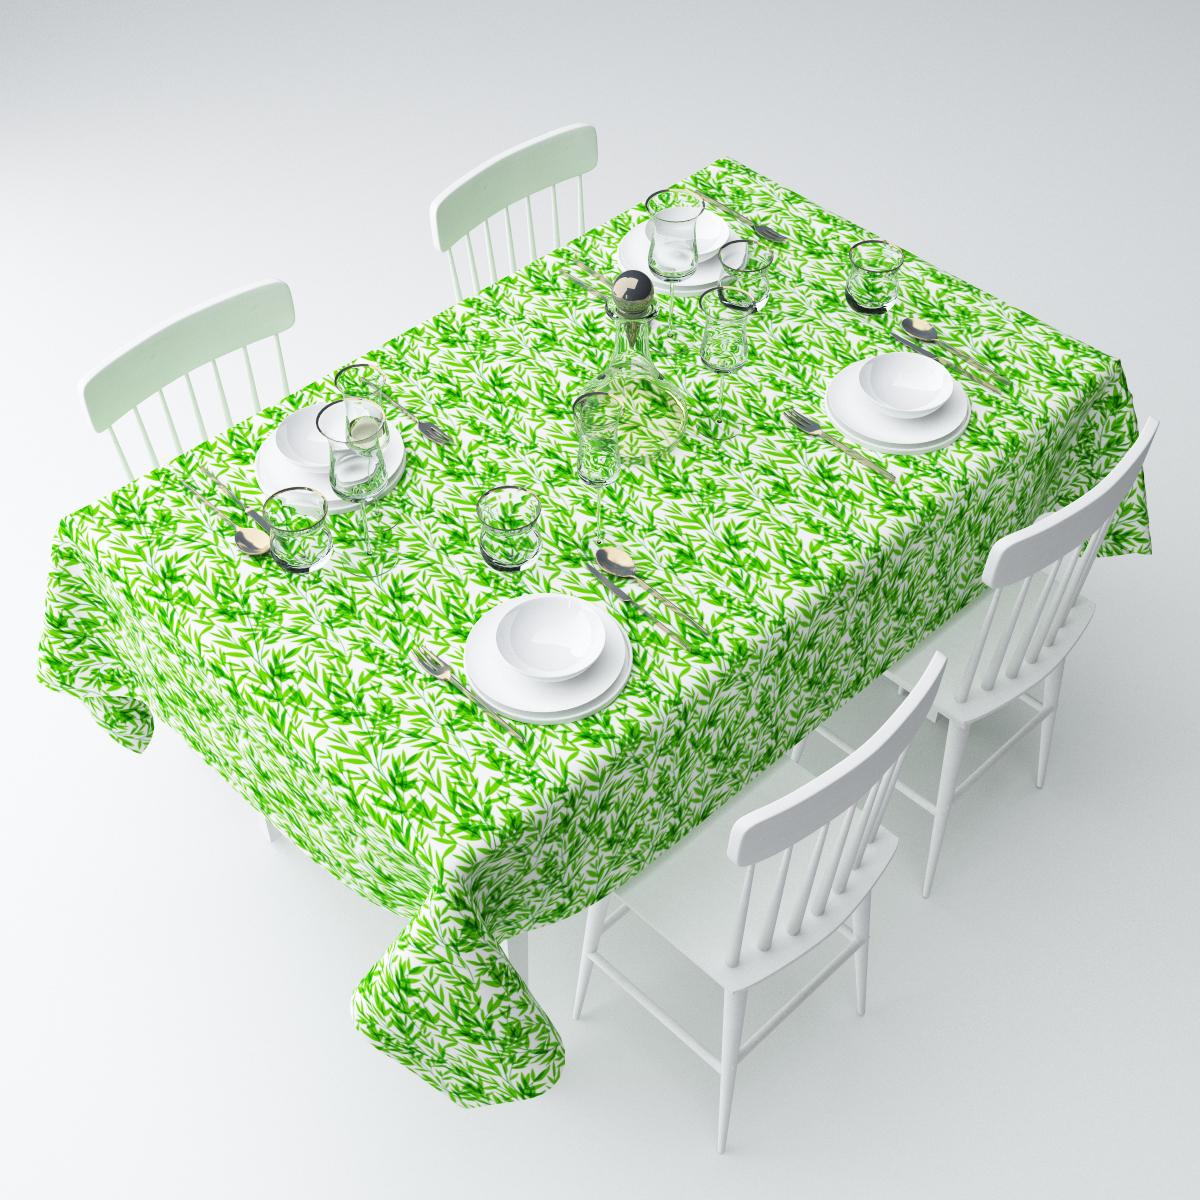 Скатерть Сирень Зеленые ветки, прямоугольная, 145 х 220 смСКГБ004-05636Скатерть Сирень с ярким и объемным рисунком преобразит Вашу кухню, визуально расширит пространство, создаст атмосферу радости и комфорта. Размеры: 145х220 Рекомендации по уходу: стирка при 30 градусах гладить при температуре до 110 градусов Изображение на мониторе может немного отличаться от реального.